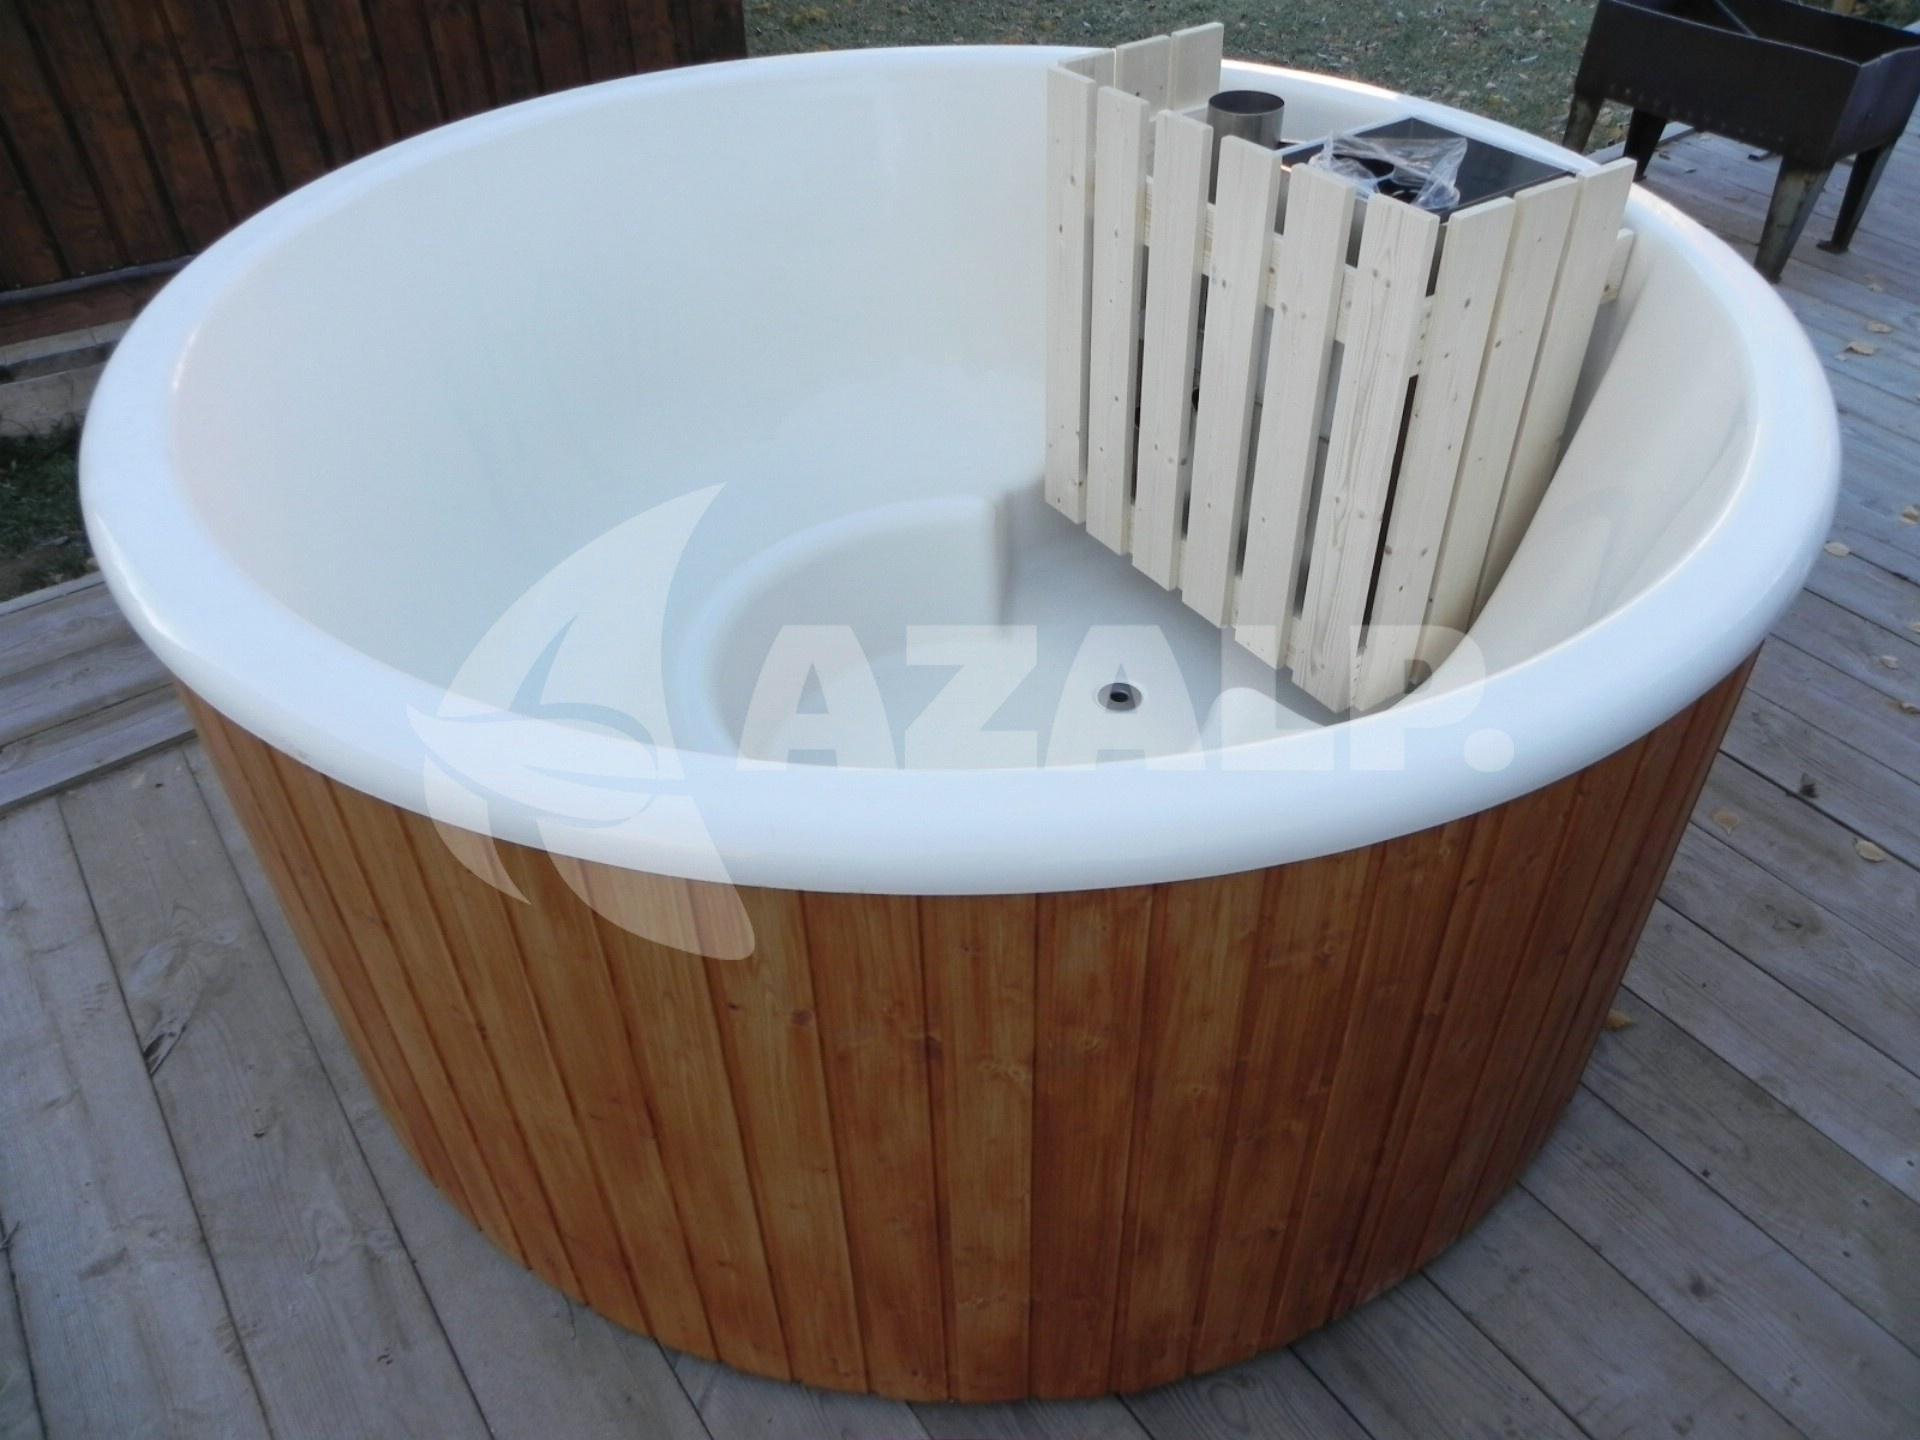 interflex hottub relax mit kunststoff wanne durchmesser 185cm kaufen bei. Black Bedroom Furniture Sets. Home Design Ideas